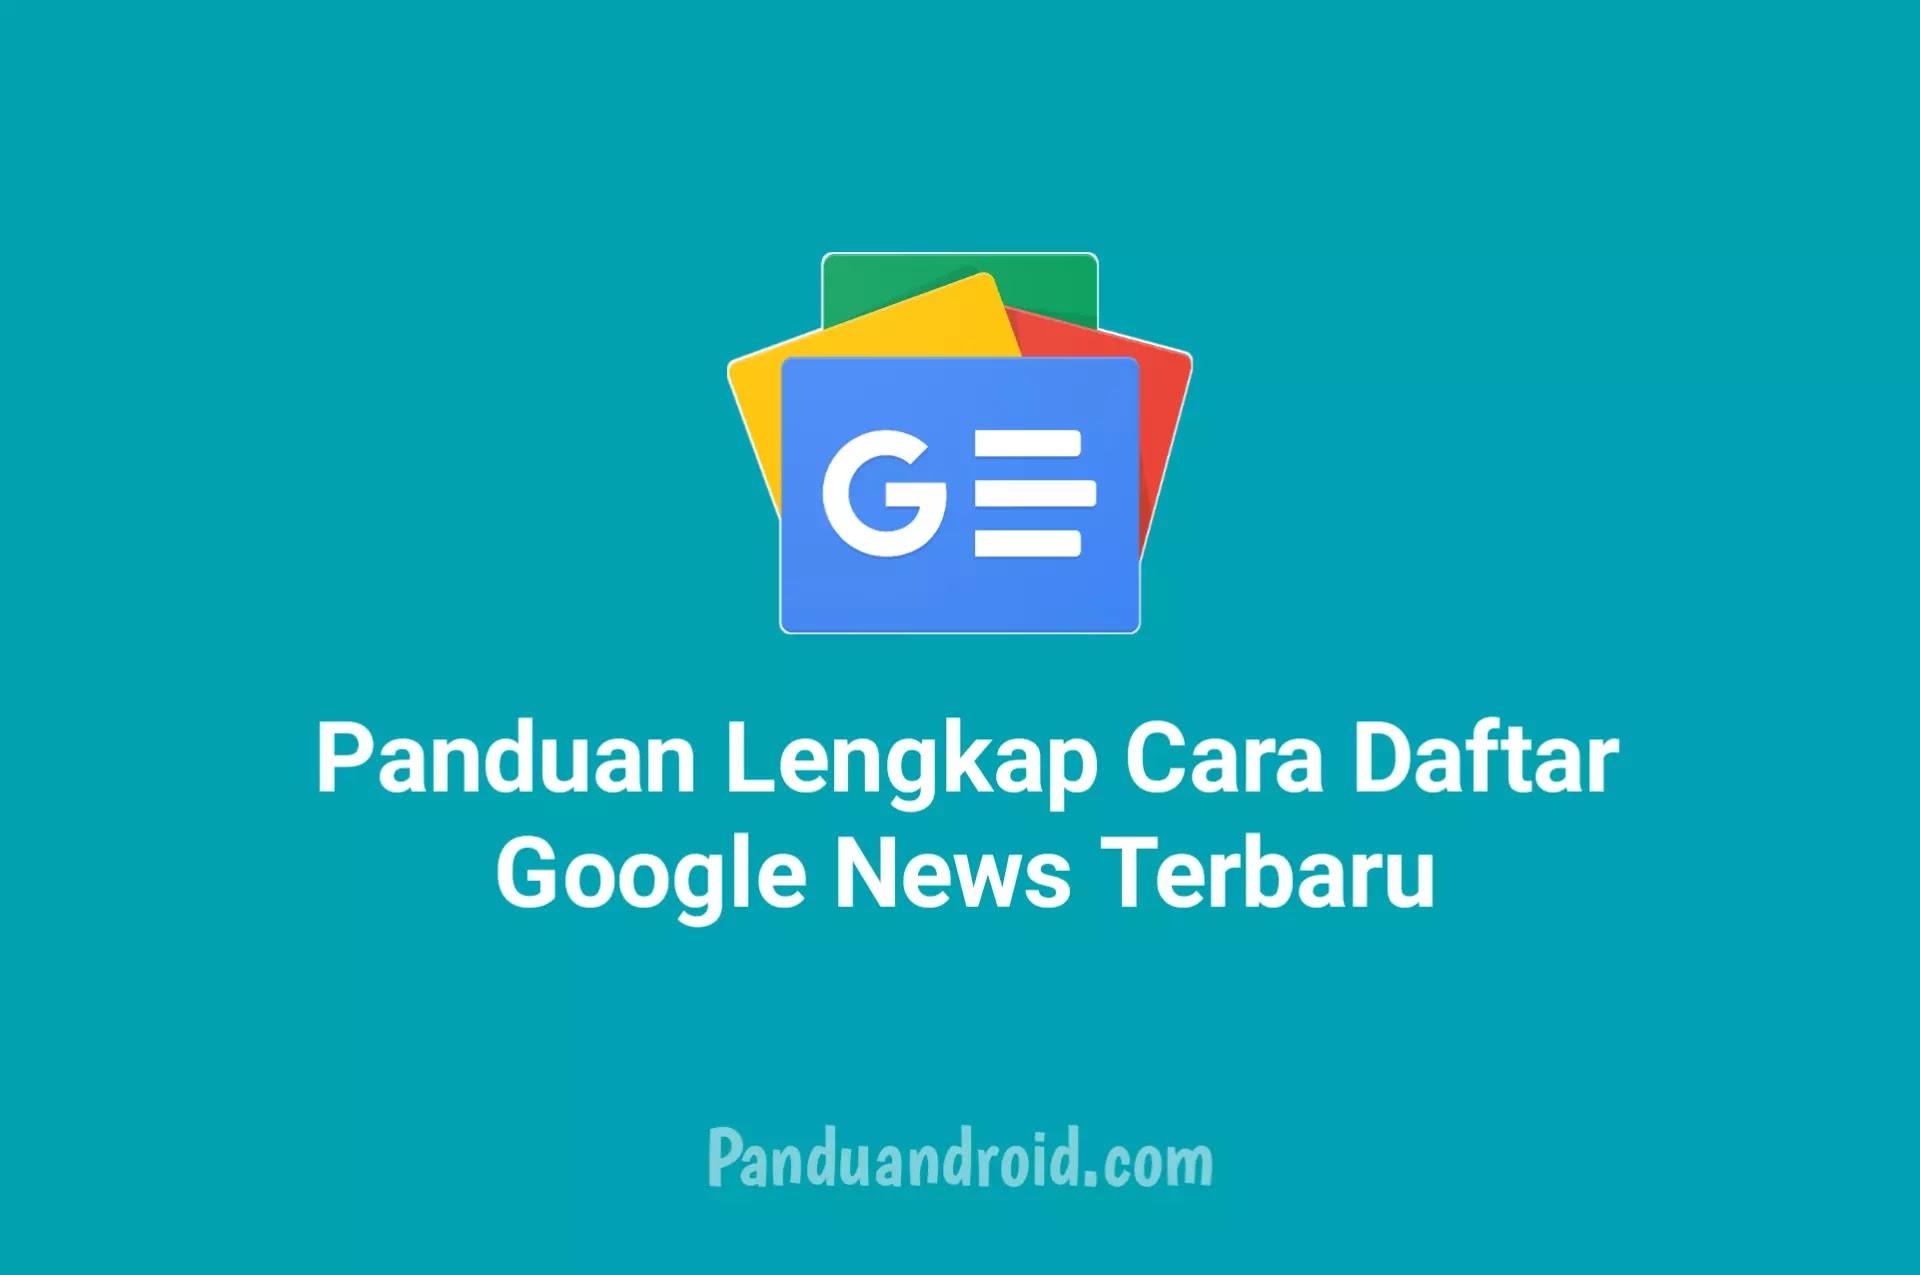 Cara Daftar Google News Dengan Mudah